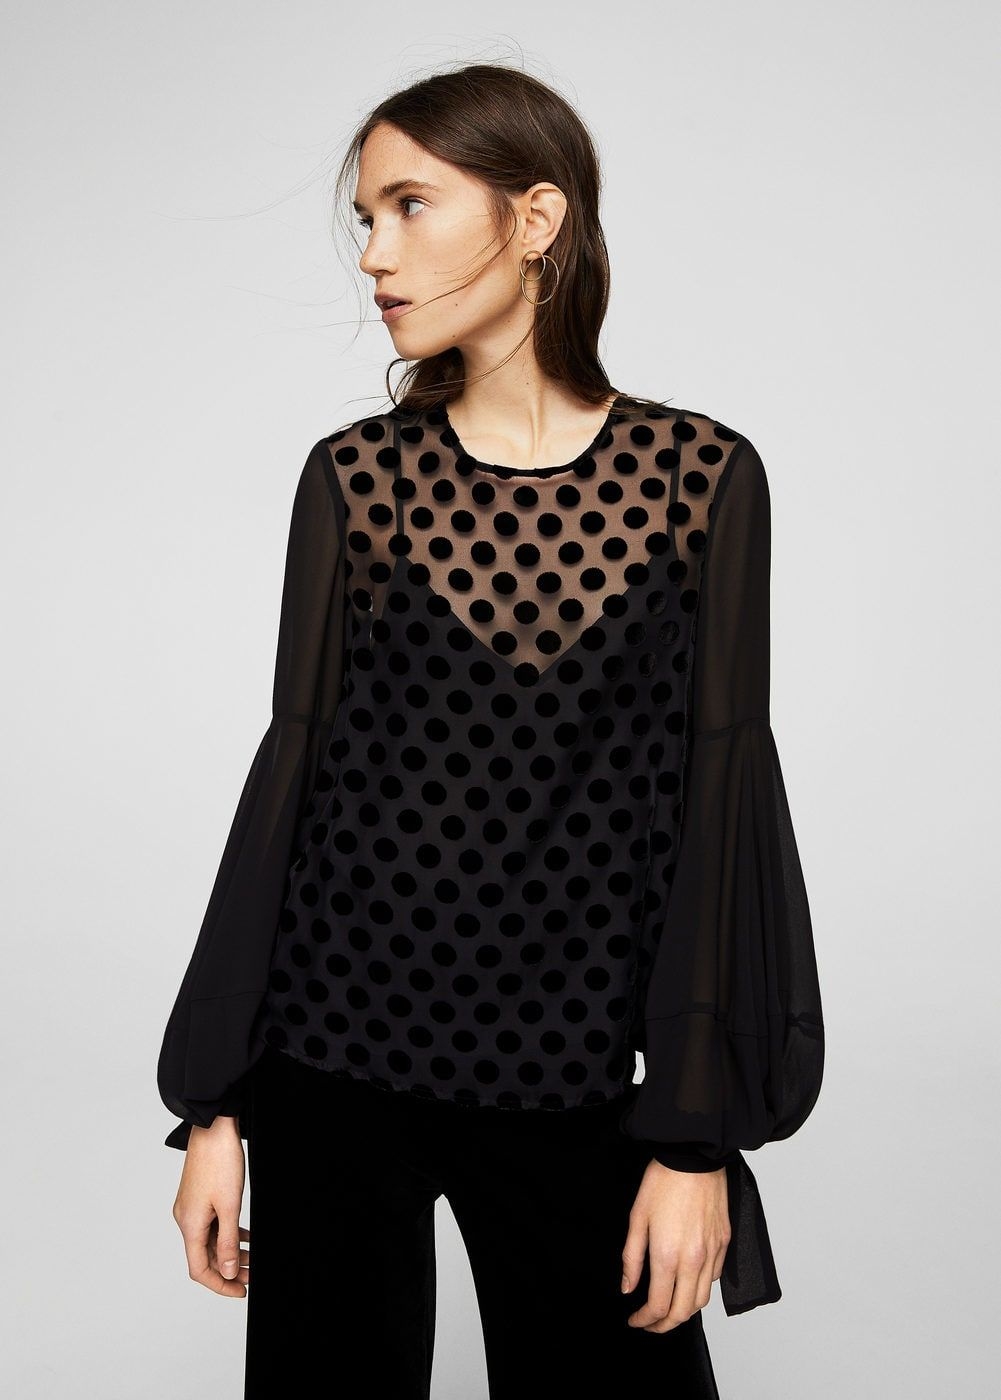 Bluzka z bufiastym rękawem - Koszule dla Kobieta  5a64bafa5ec